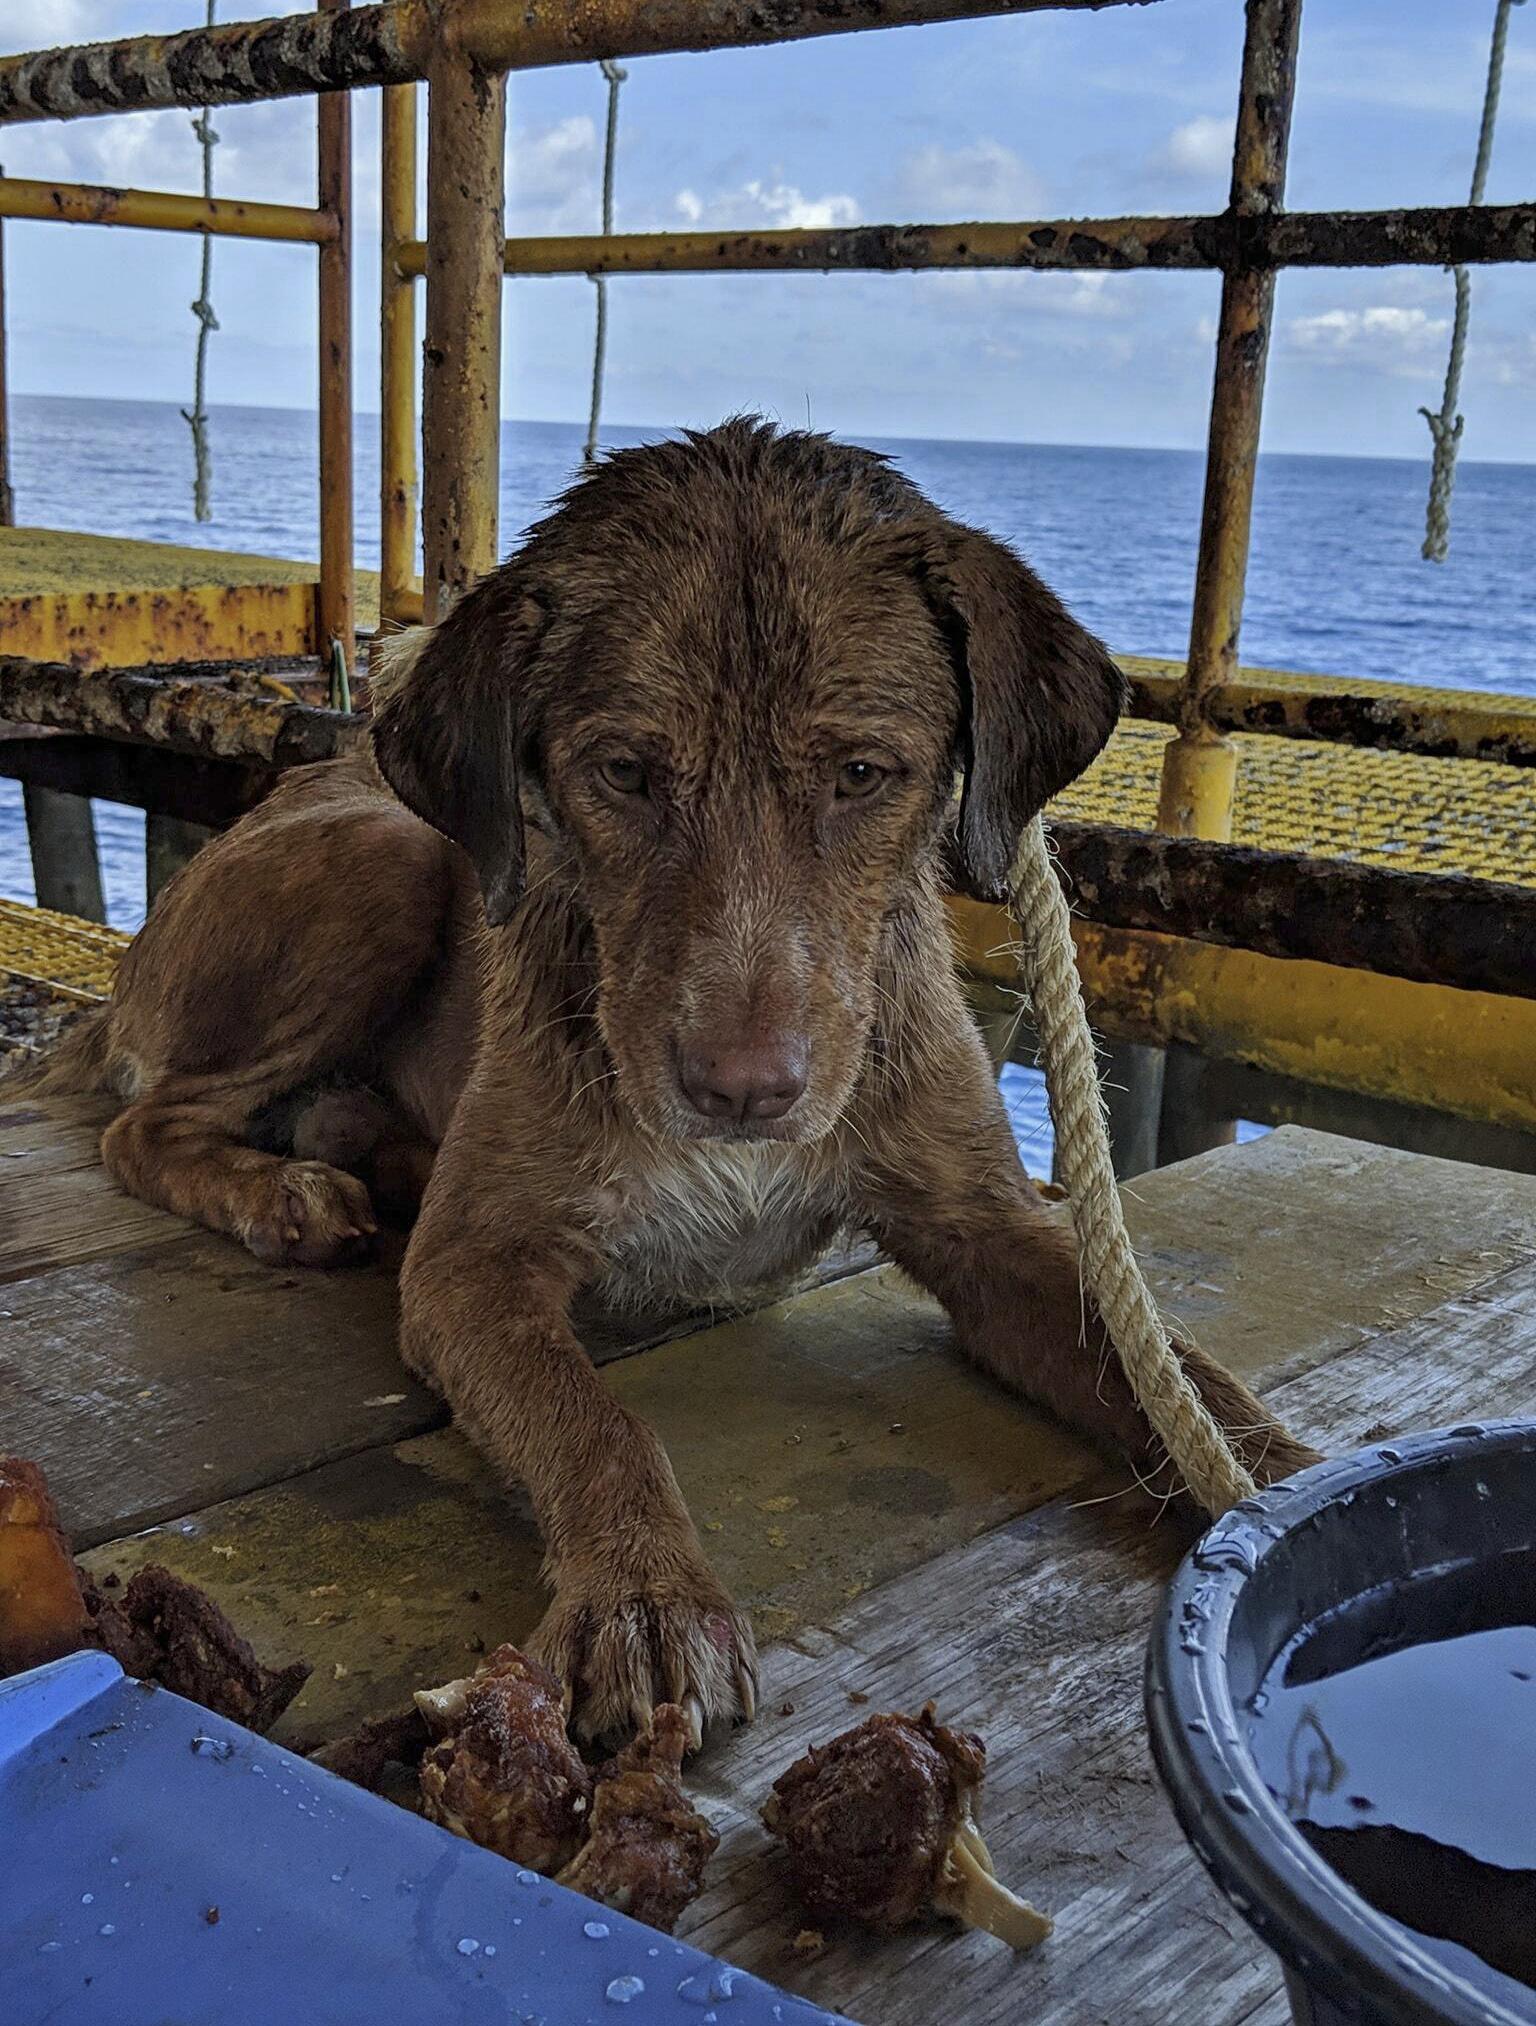 망망대해를 홀로 표류하던 개가 석유 굴착 작업자들에게 발견돼 목숨을 건졌다.지난 12일 태국 남부 타이만의 석유 시추선 인근에서 구조된 갈색 개 '분로드'가 지친 기색으로 휴식을 취하고 있다. [AP=연합뉴스]